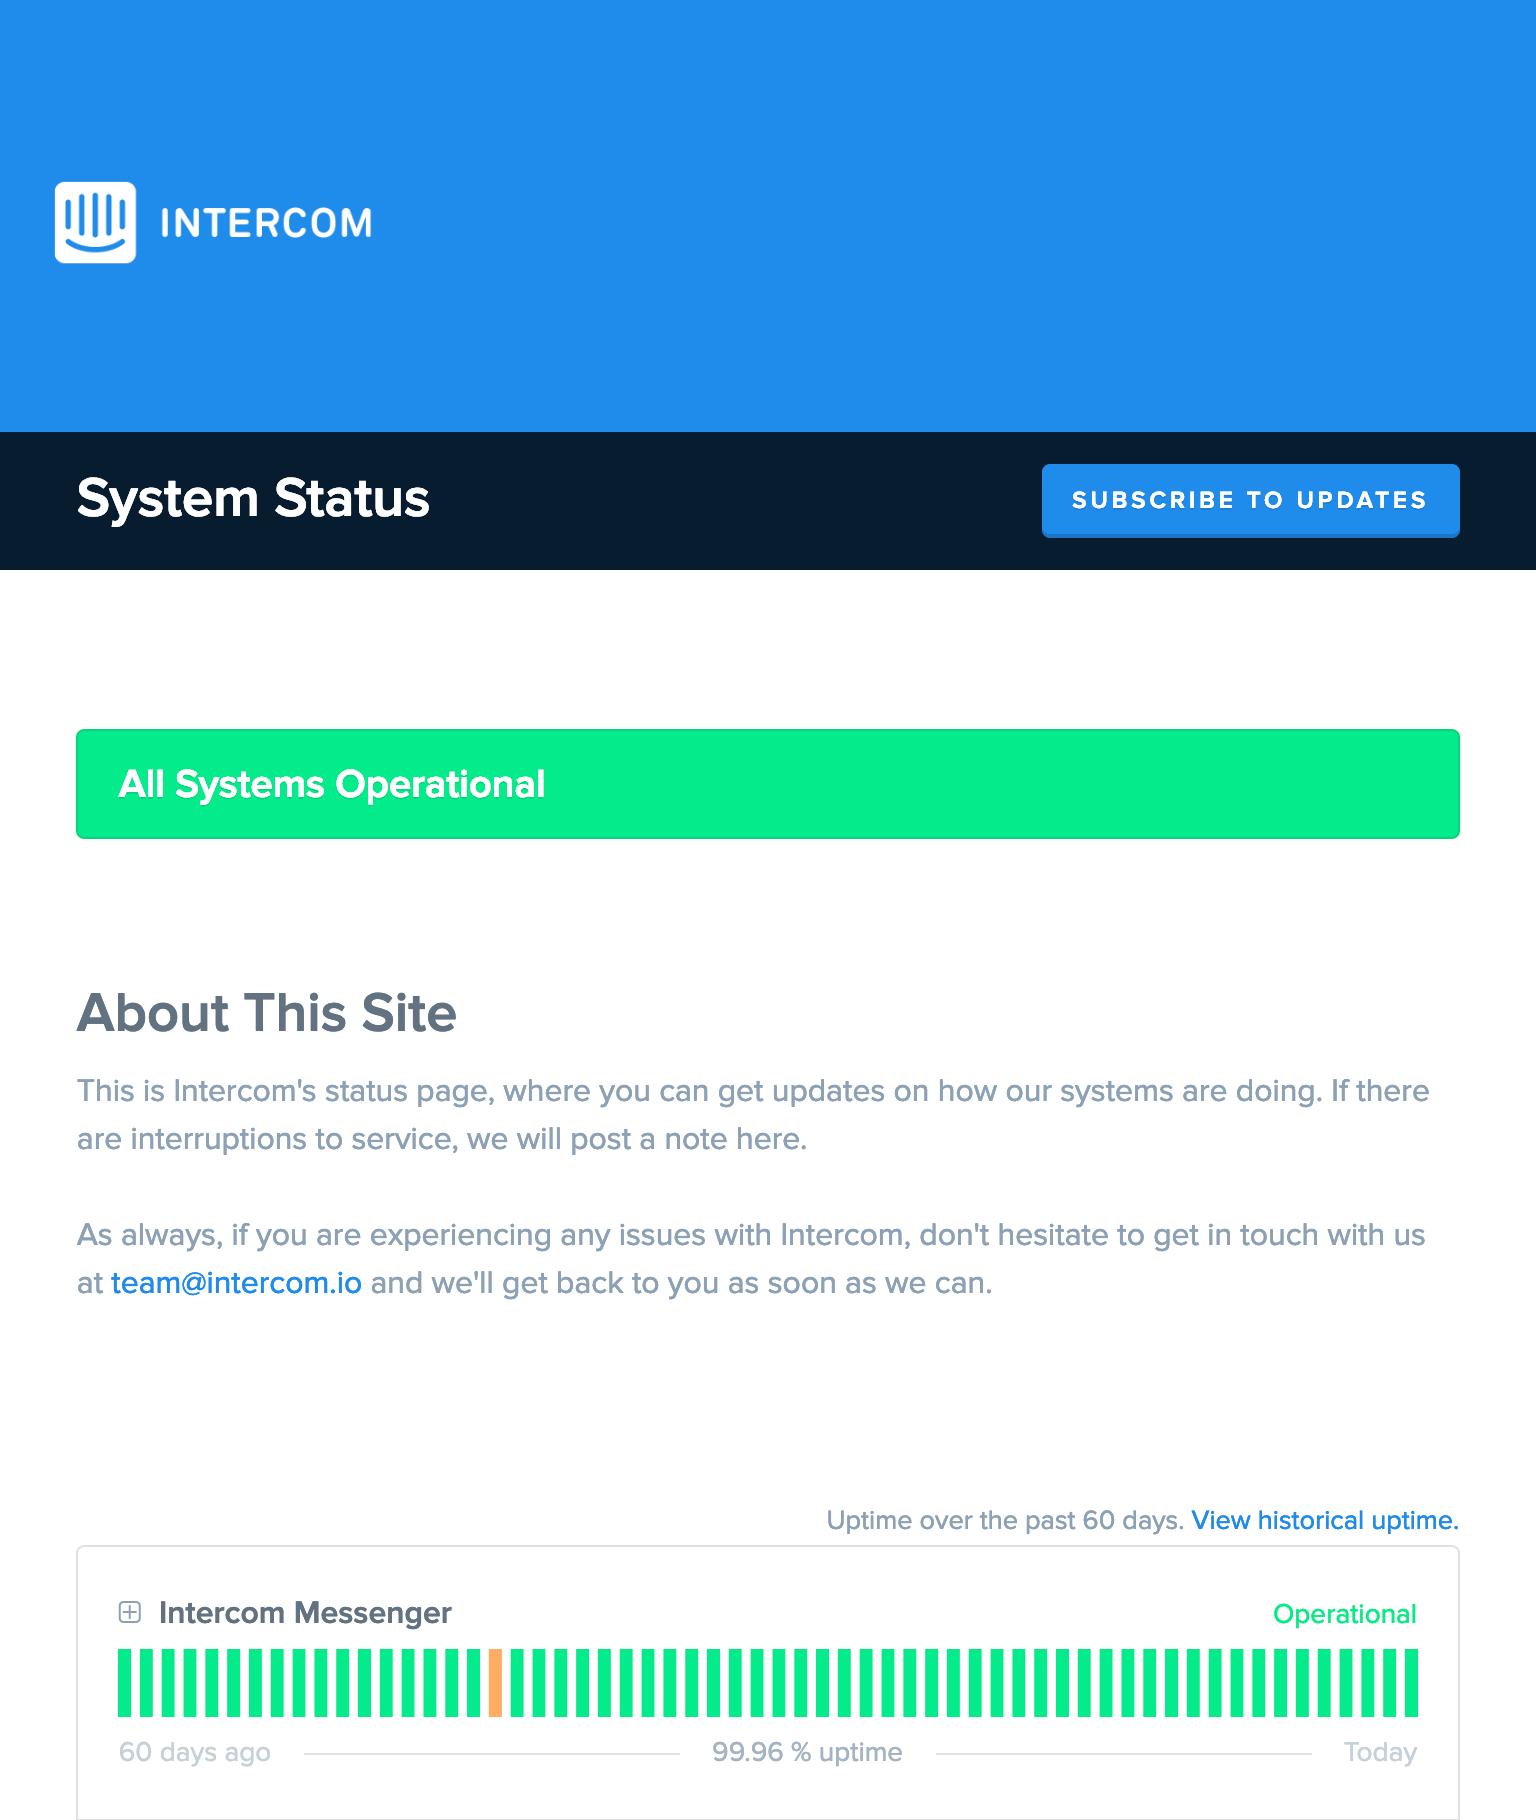 Lista de comprobaciones de estado de Intercom